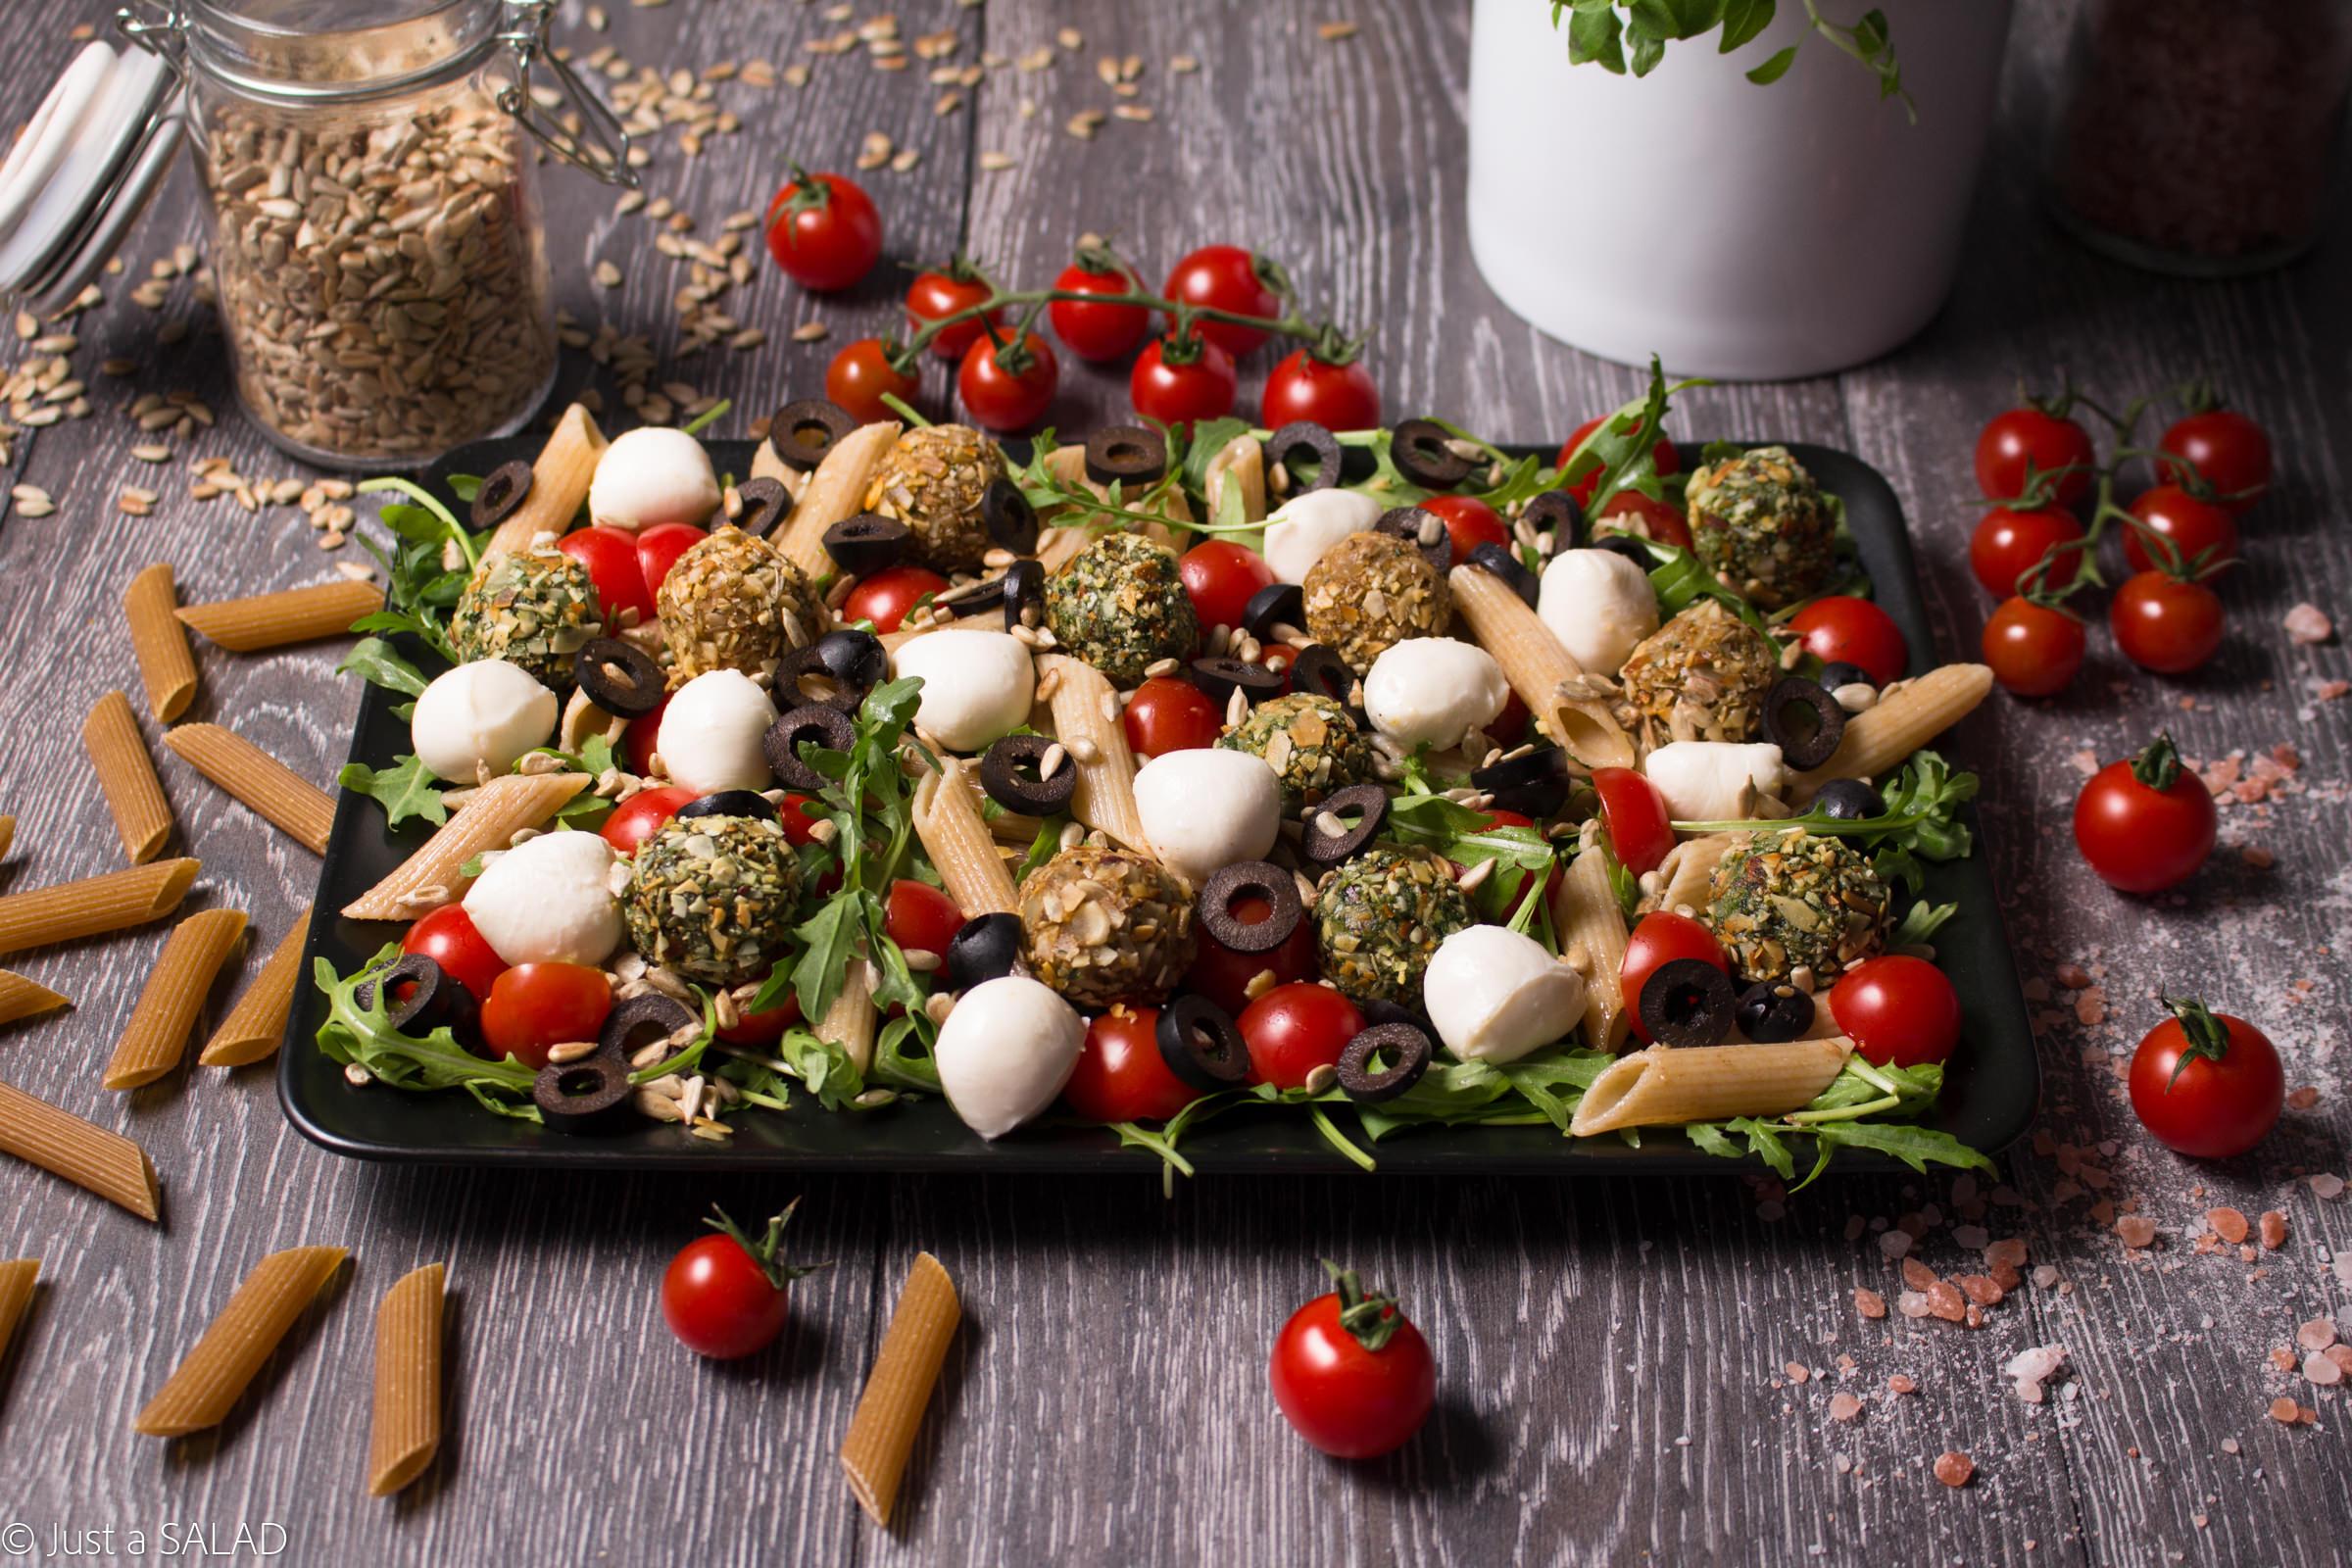 Sałatka z rukolą, makaronem, czarnymi oliwkami, pestkami słonecznika, mozzarellą oraz czerwonymi i zielonymi bombami.